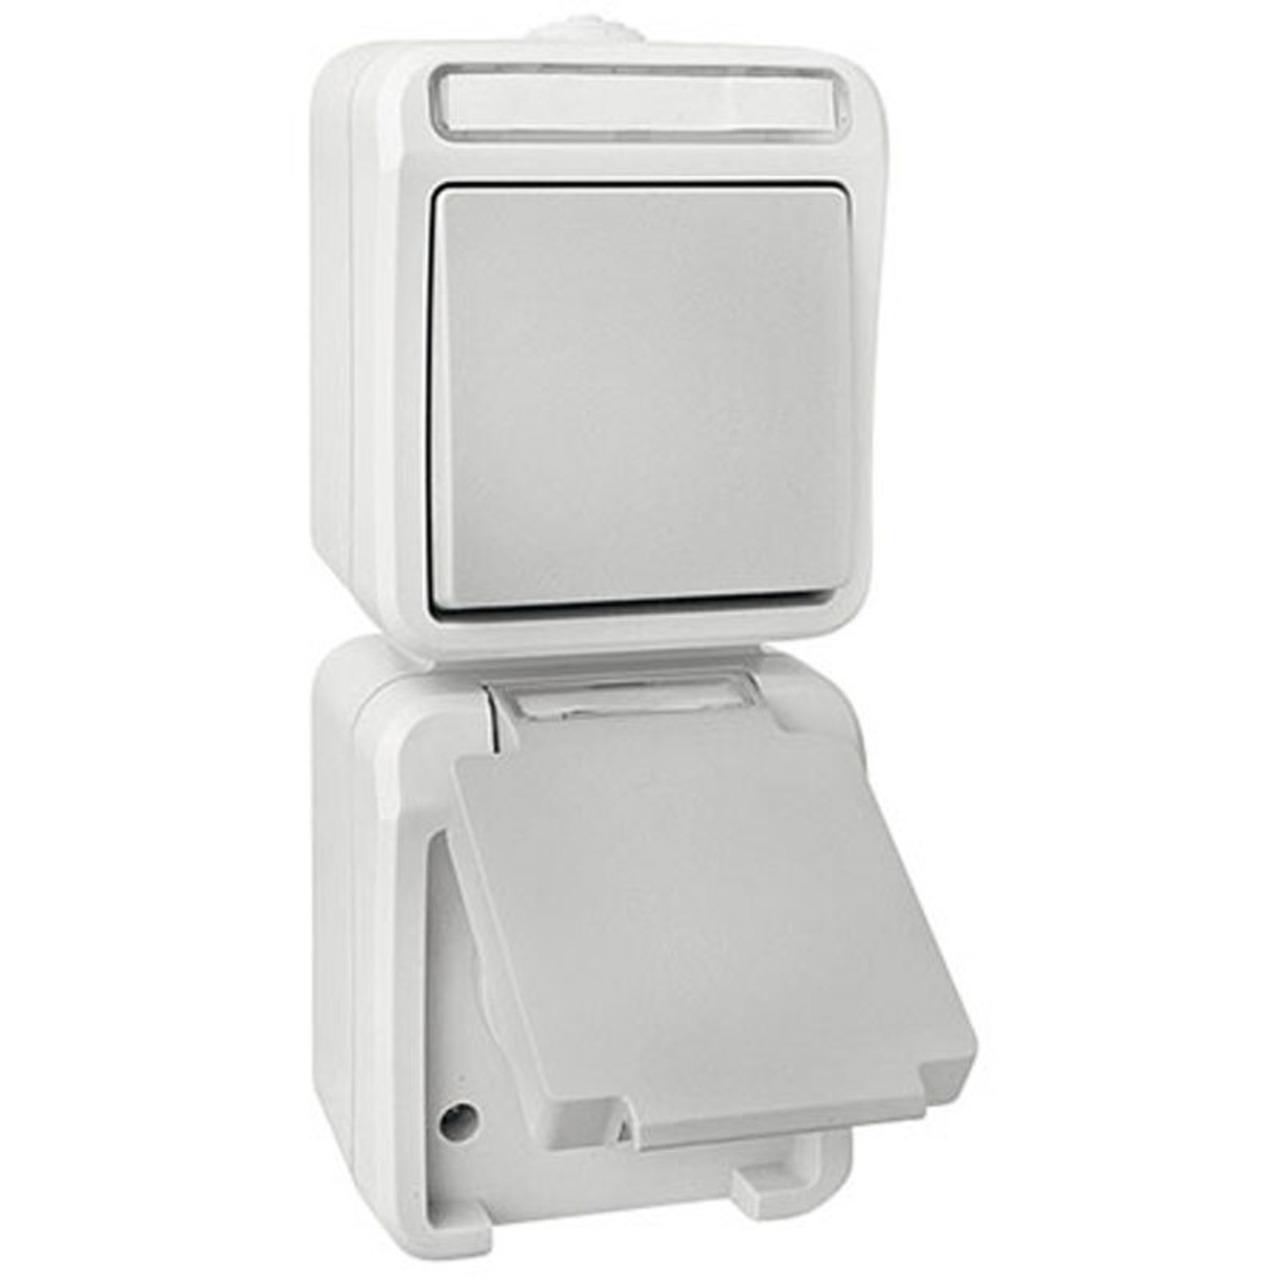 EMZ FR-AP Kombination Wechselschalter-Steckdose IP54- senkrecht